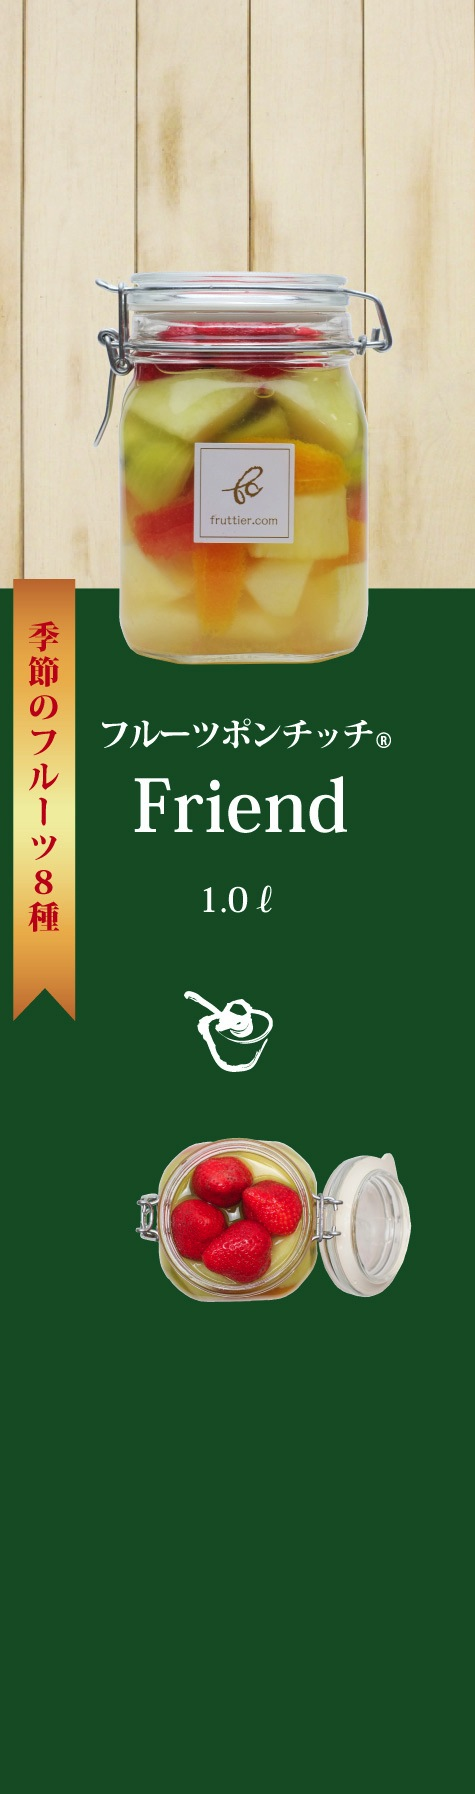 フルーツポンチッチFriend〜あまおう&マスクメロン